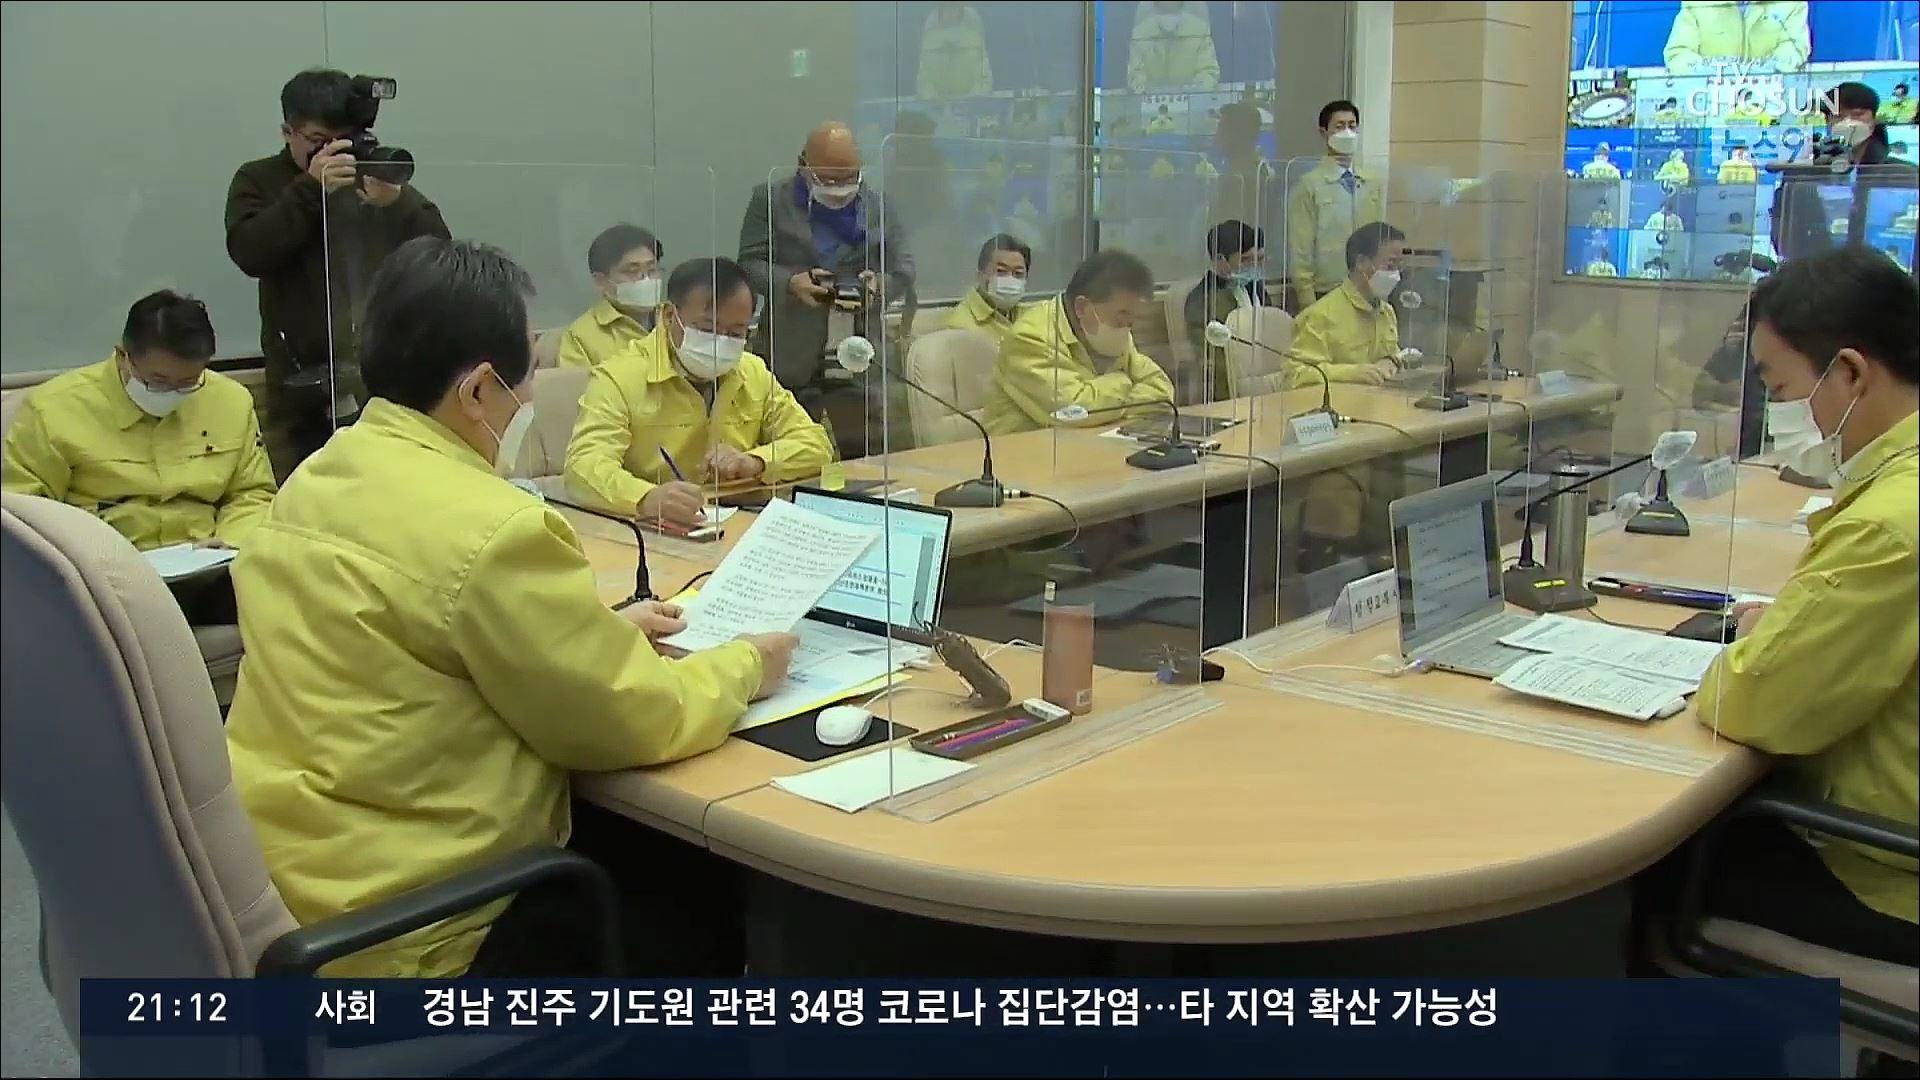 '확진 400명대' 거리두기 재조정 논의…'아직 위험' 우려도